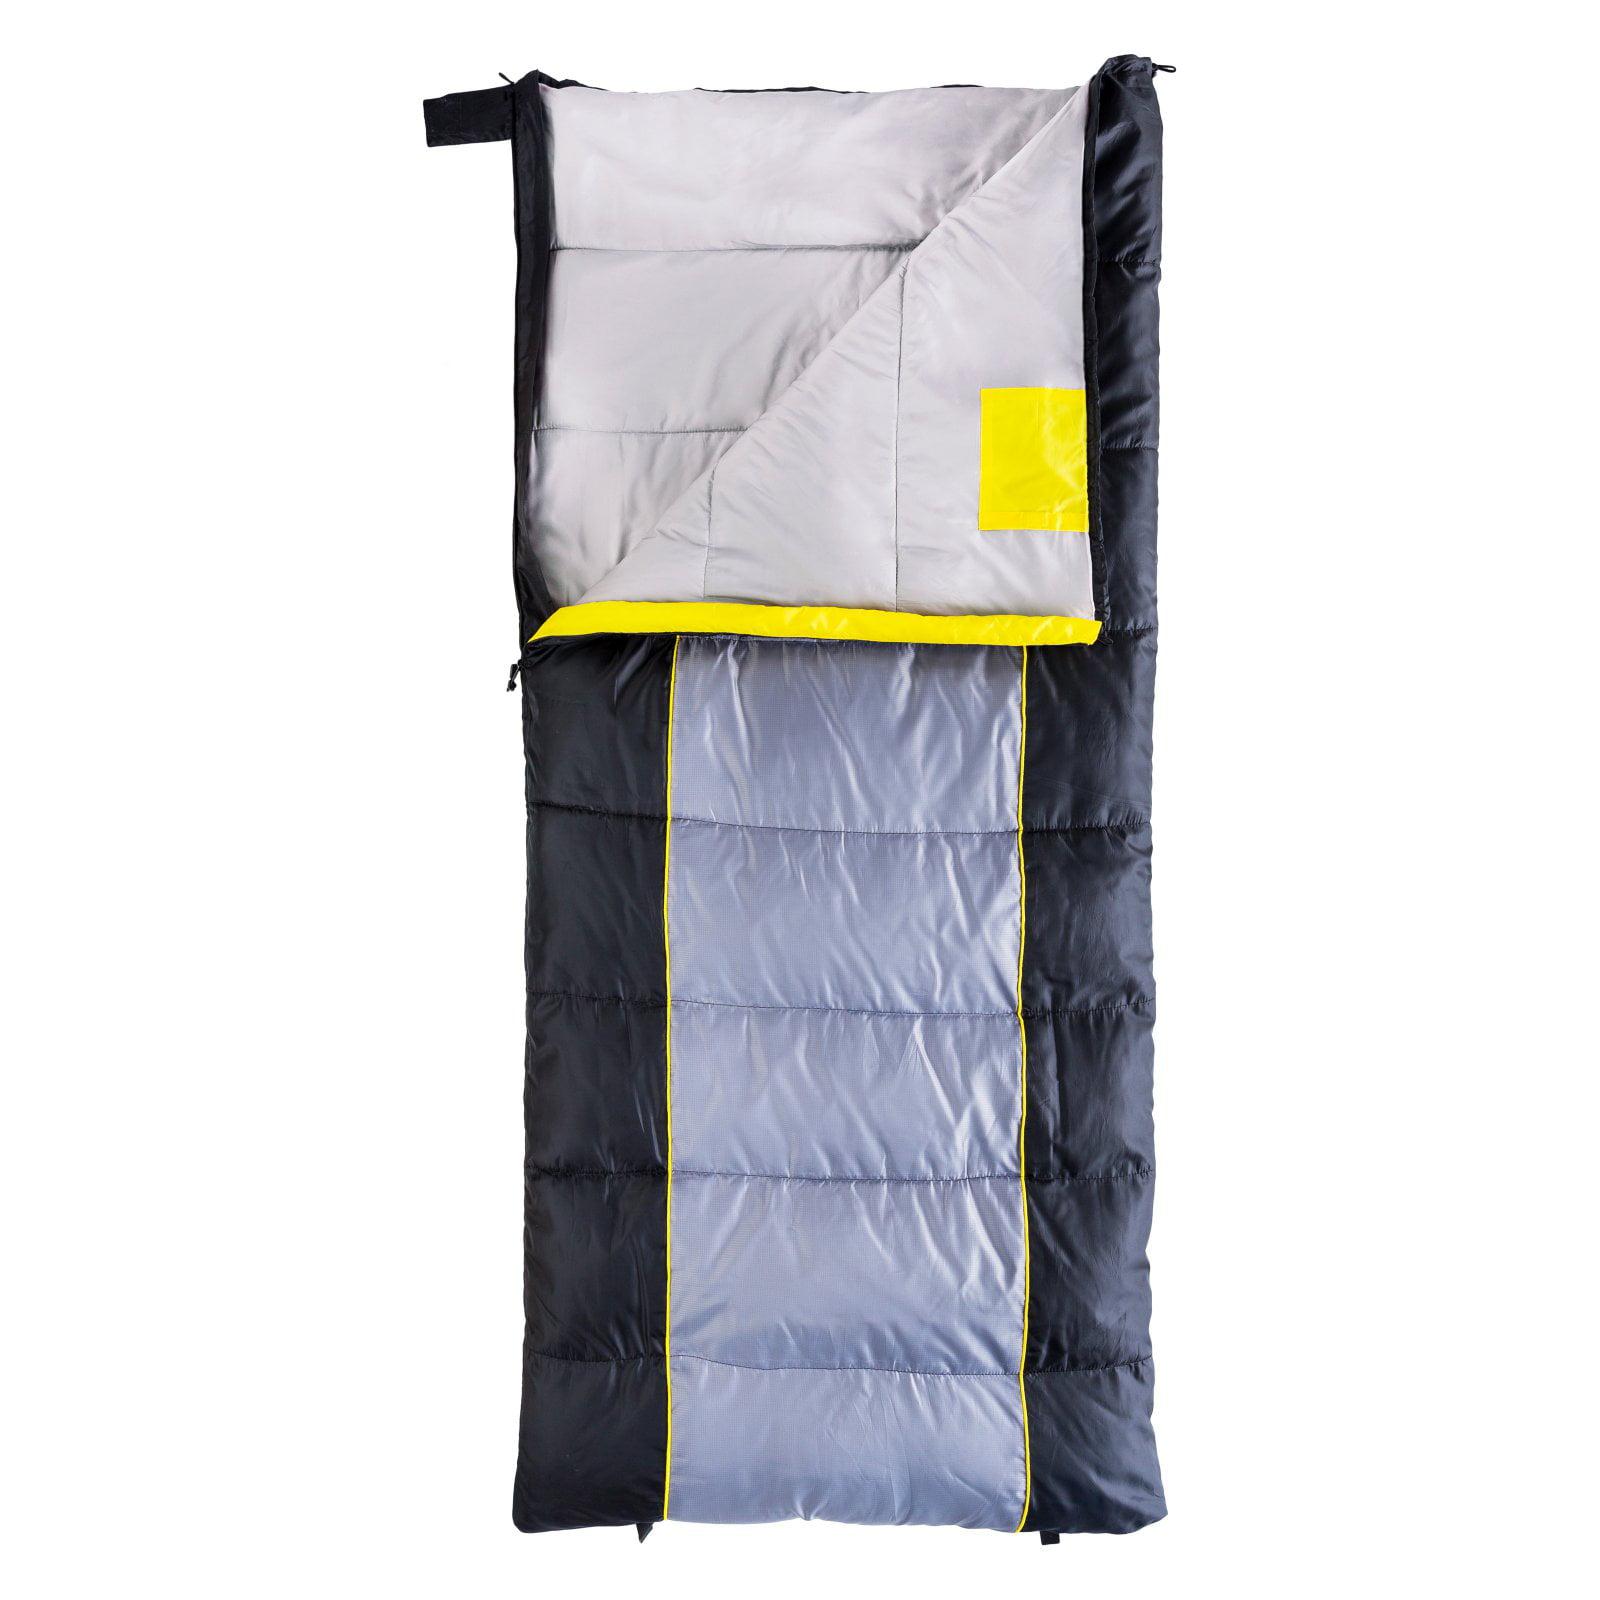 Kamp-Rite 3-in-1 0-Degree Sleeping Bag by Kamp-Rite